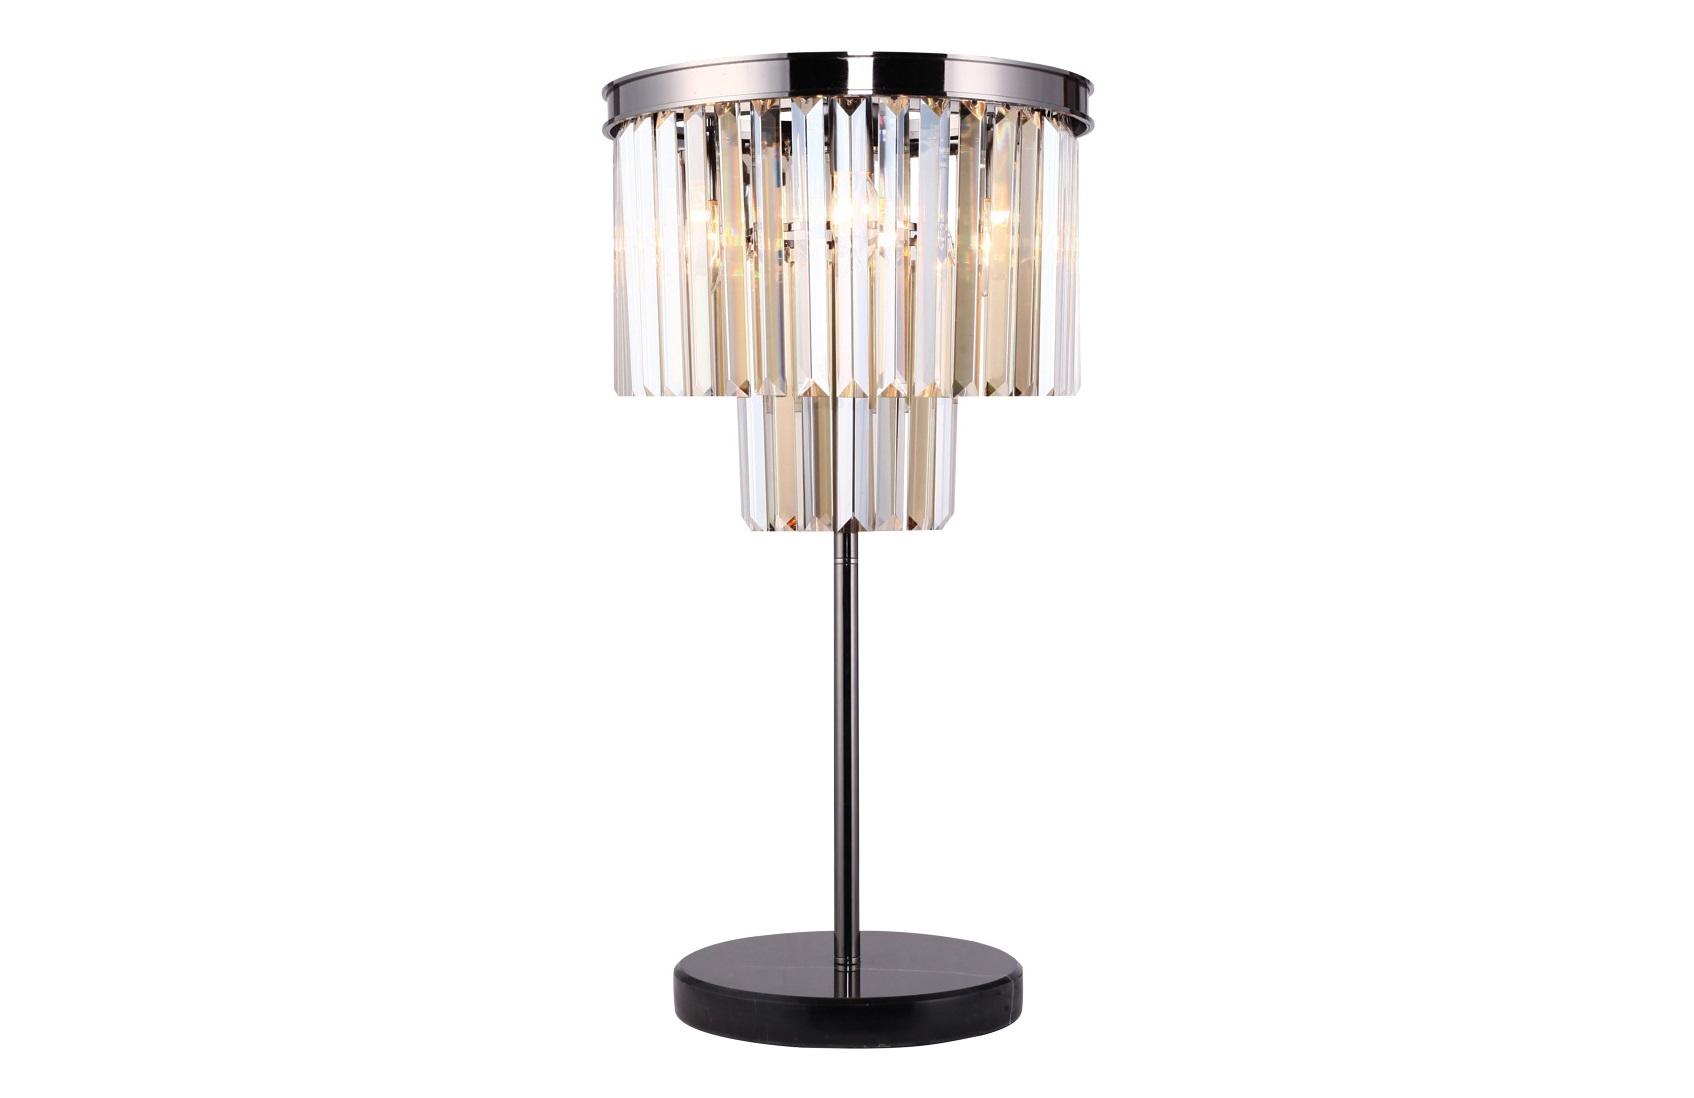 Настольная лампаДекоративные лампы<br>&amp;lt;div&amp;gt;Цоколь: E14&amp;lt;/div&amp;gt;&amp;lt;div&amp;gt;Мощность: 40W&amp;lt;/div&amp;gt;&amp;lt;div&amp;gt;Количество ламп: 3&amp;lt;/div&amp;gt;<br><br>Material: Хрусталь<br>Height см: 65<br>Diameter см: 35